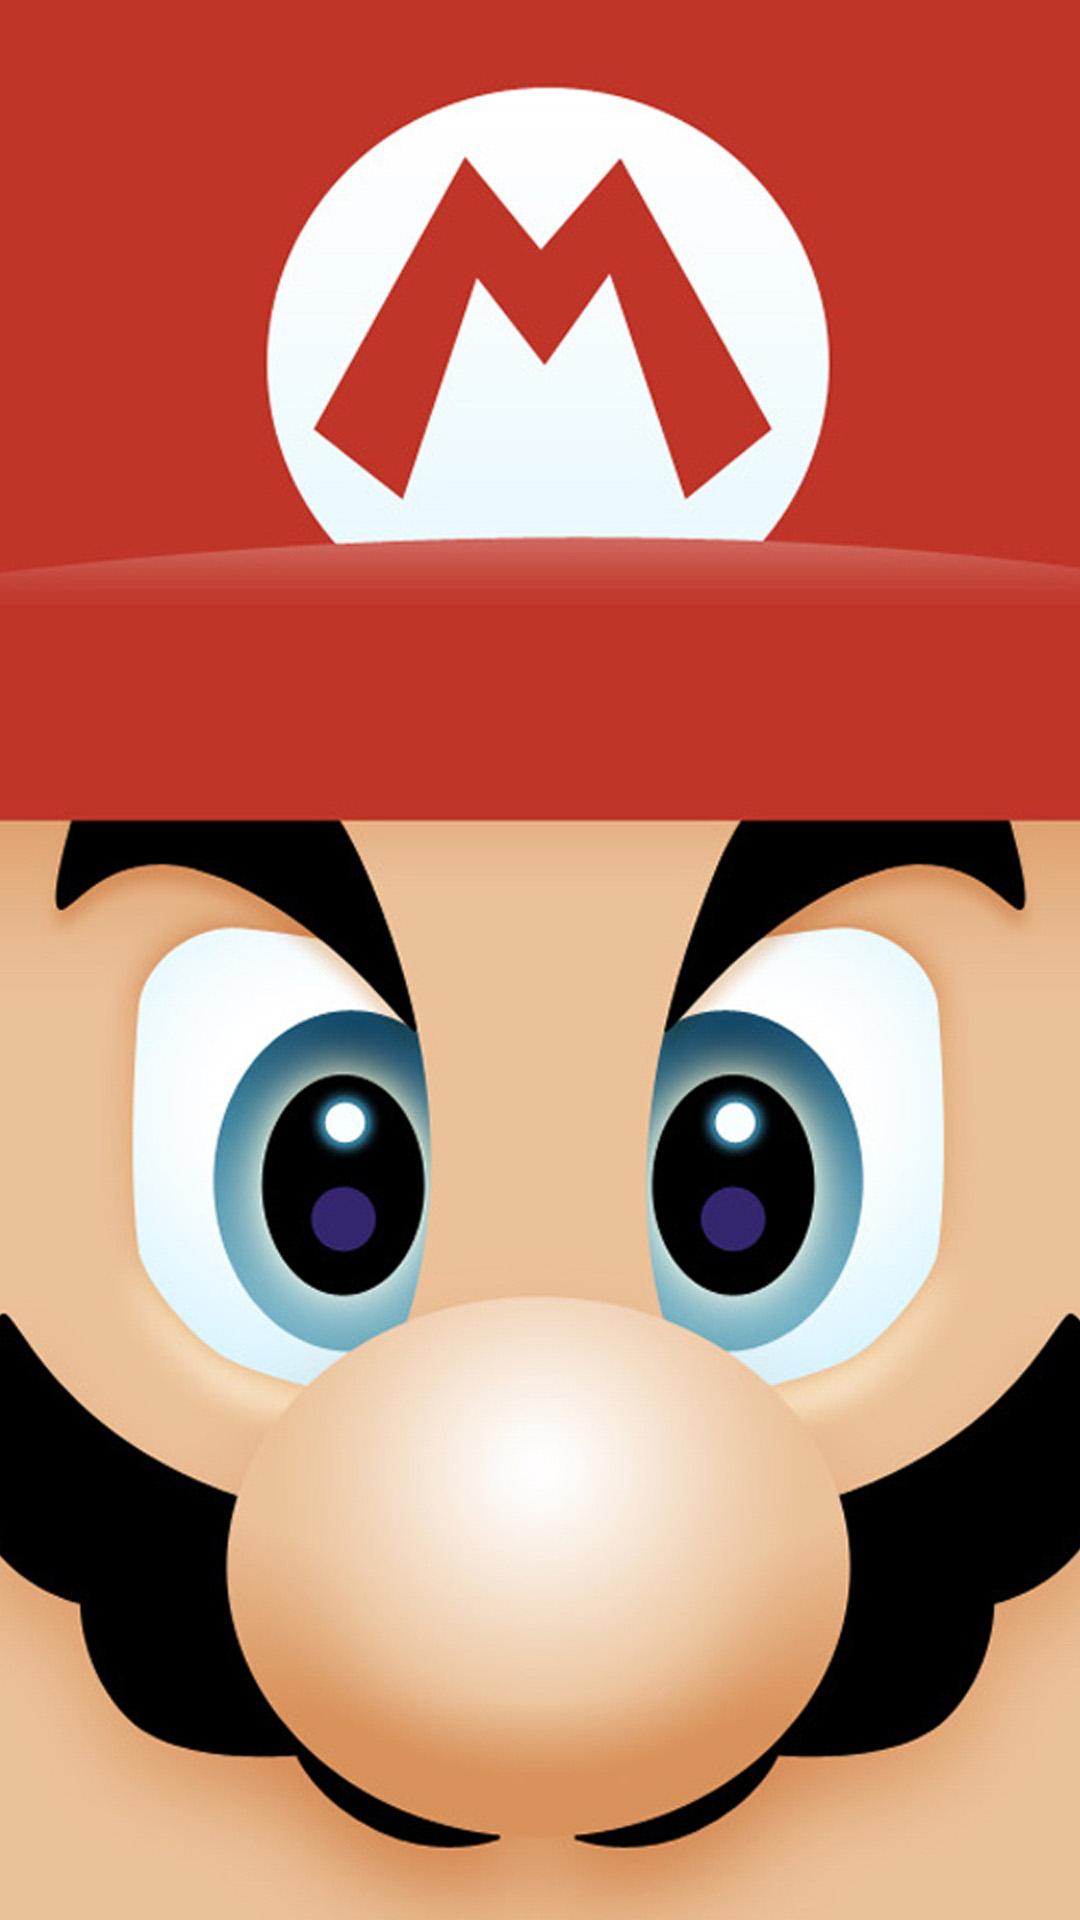 iphone 6 plus mario face games wallpaper